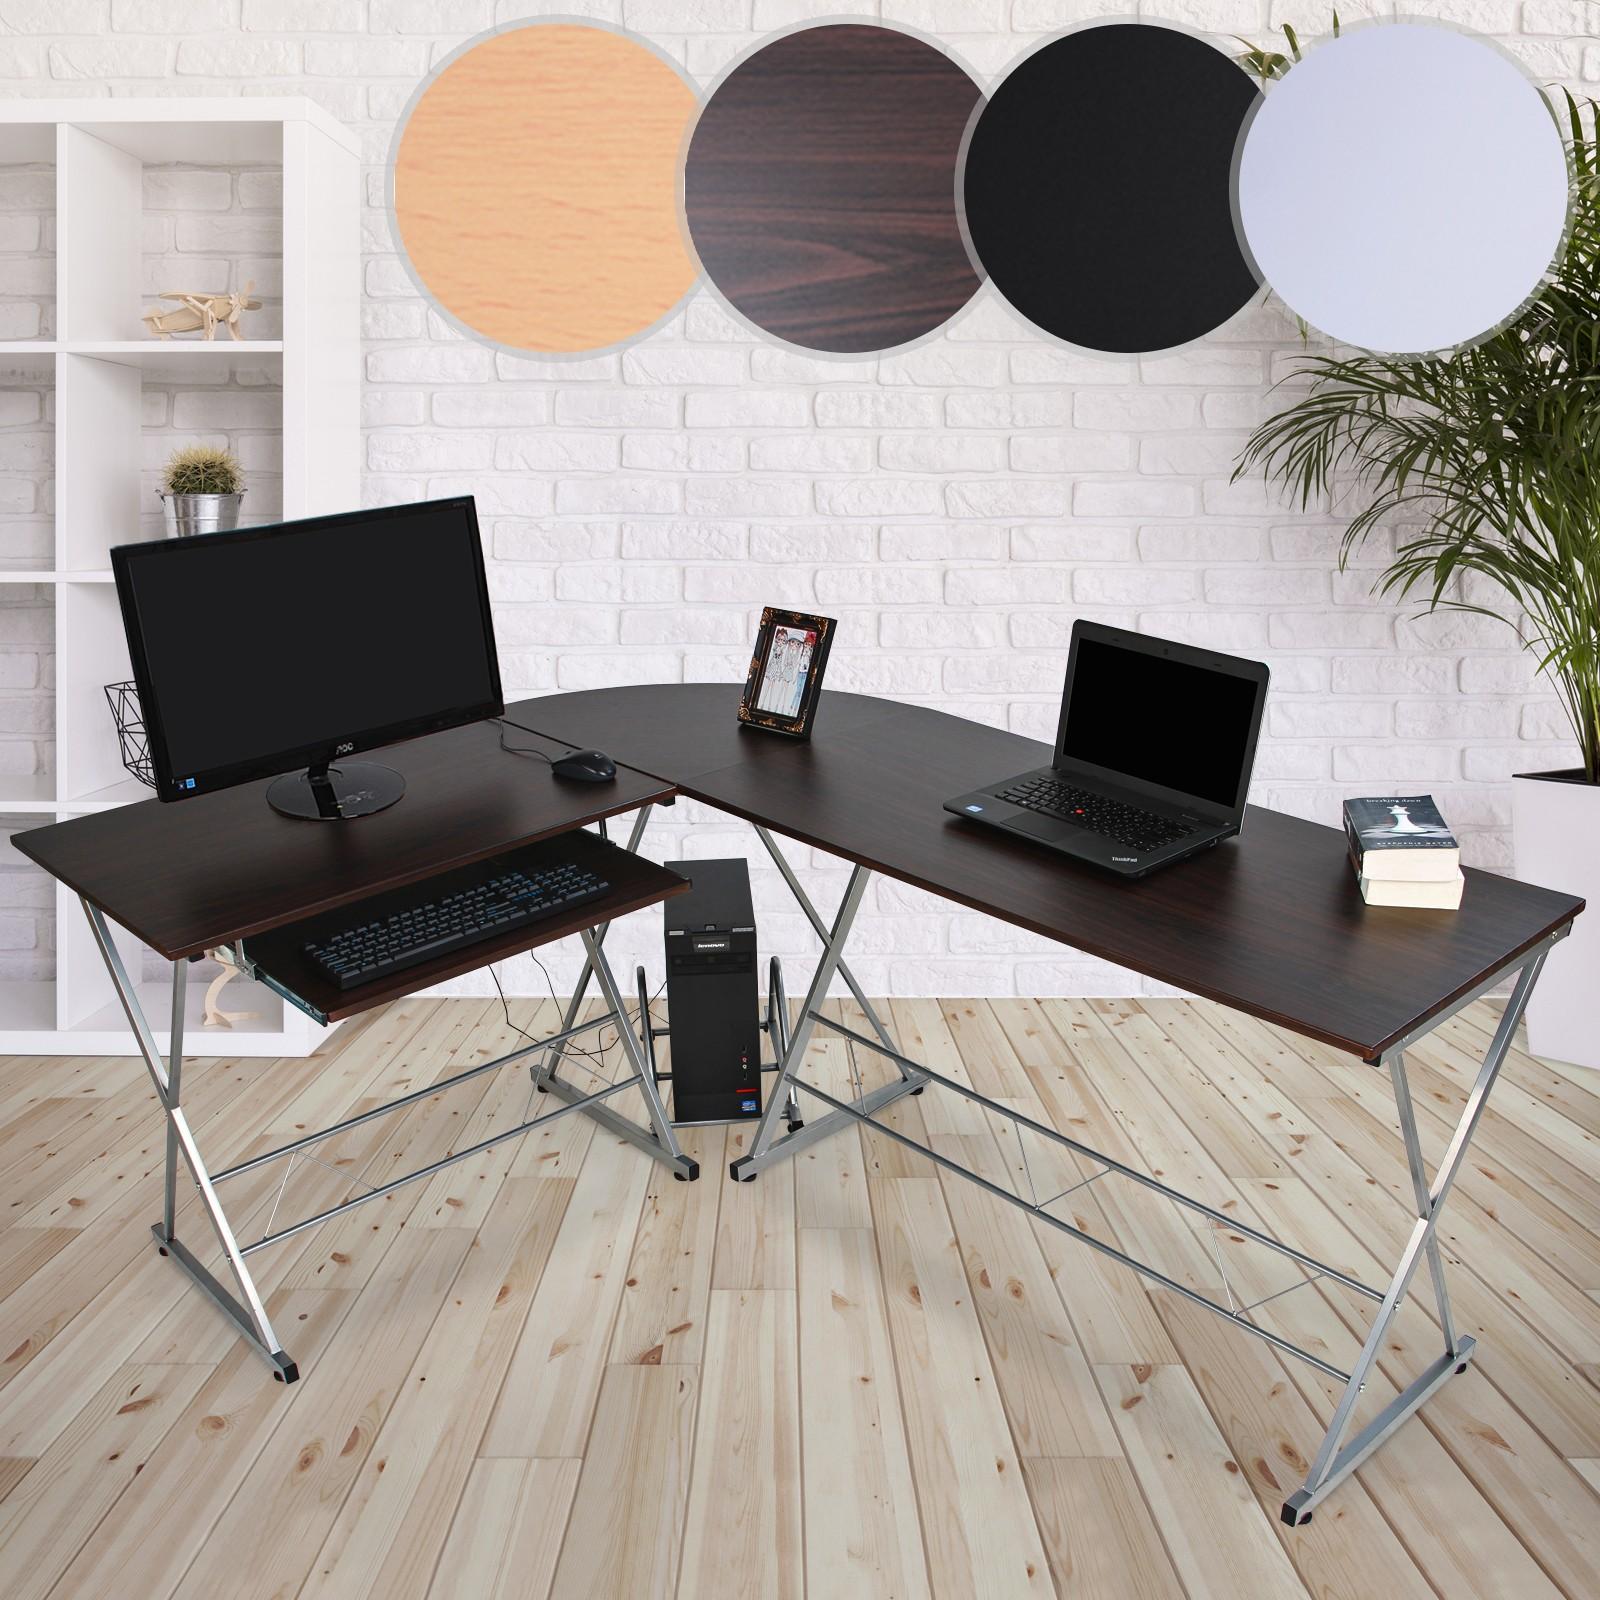 Bureau meuble informatique d 39 angle table d 39 ordinateur travail coin 170x136x74 cm ebay - Meuble d angle pour ordinateur ...